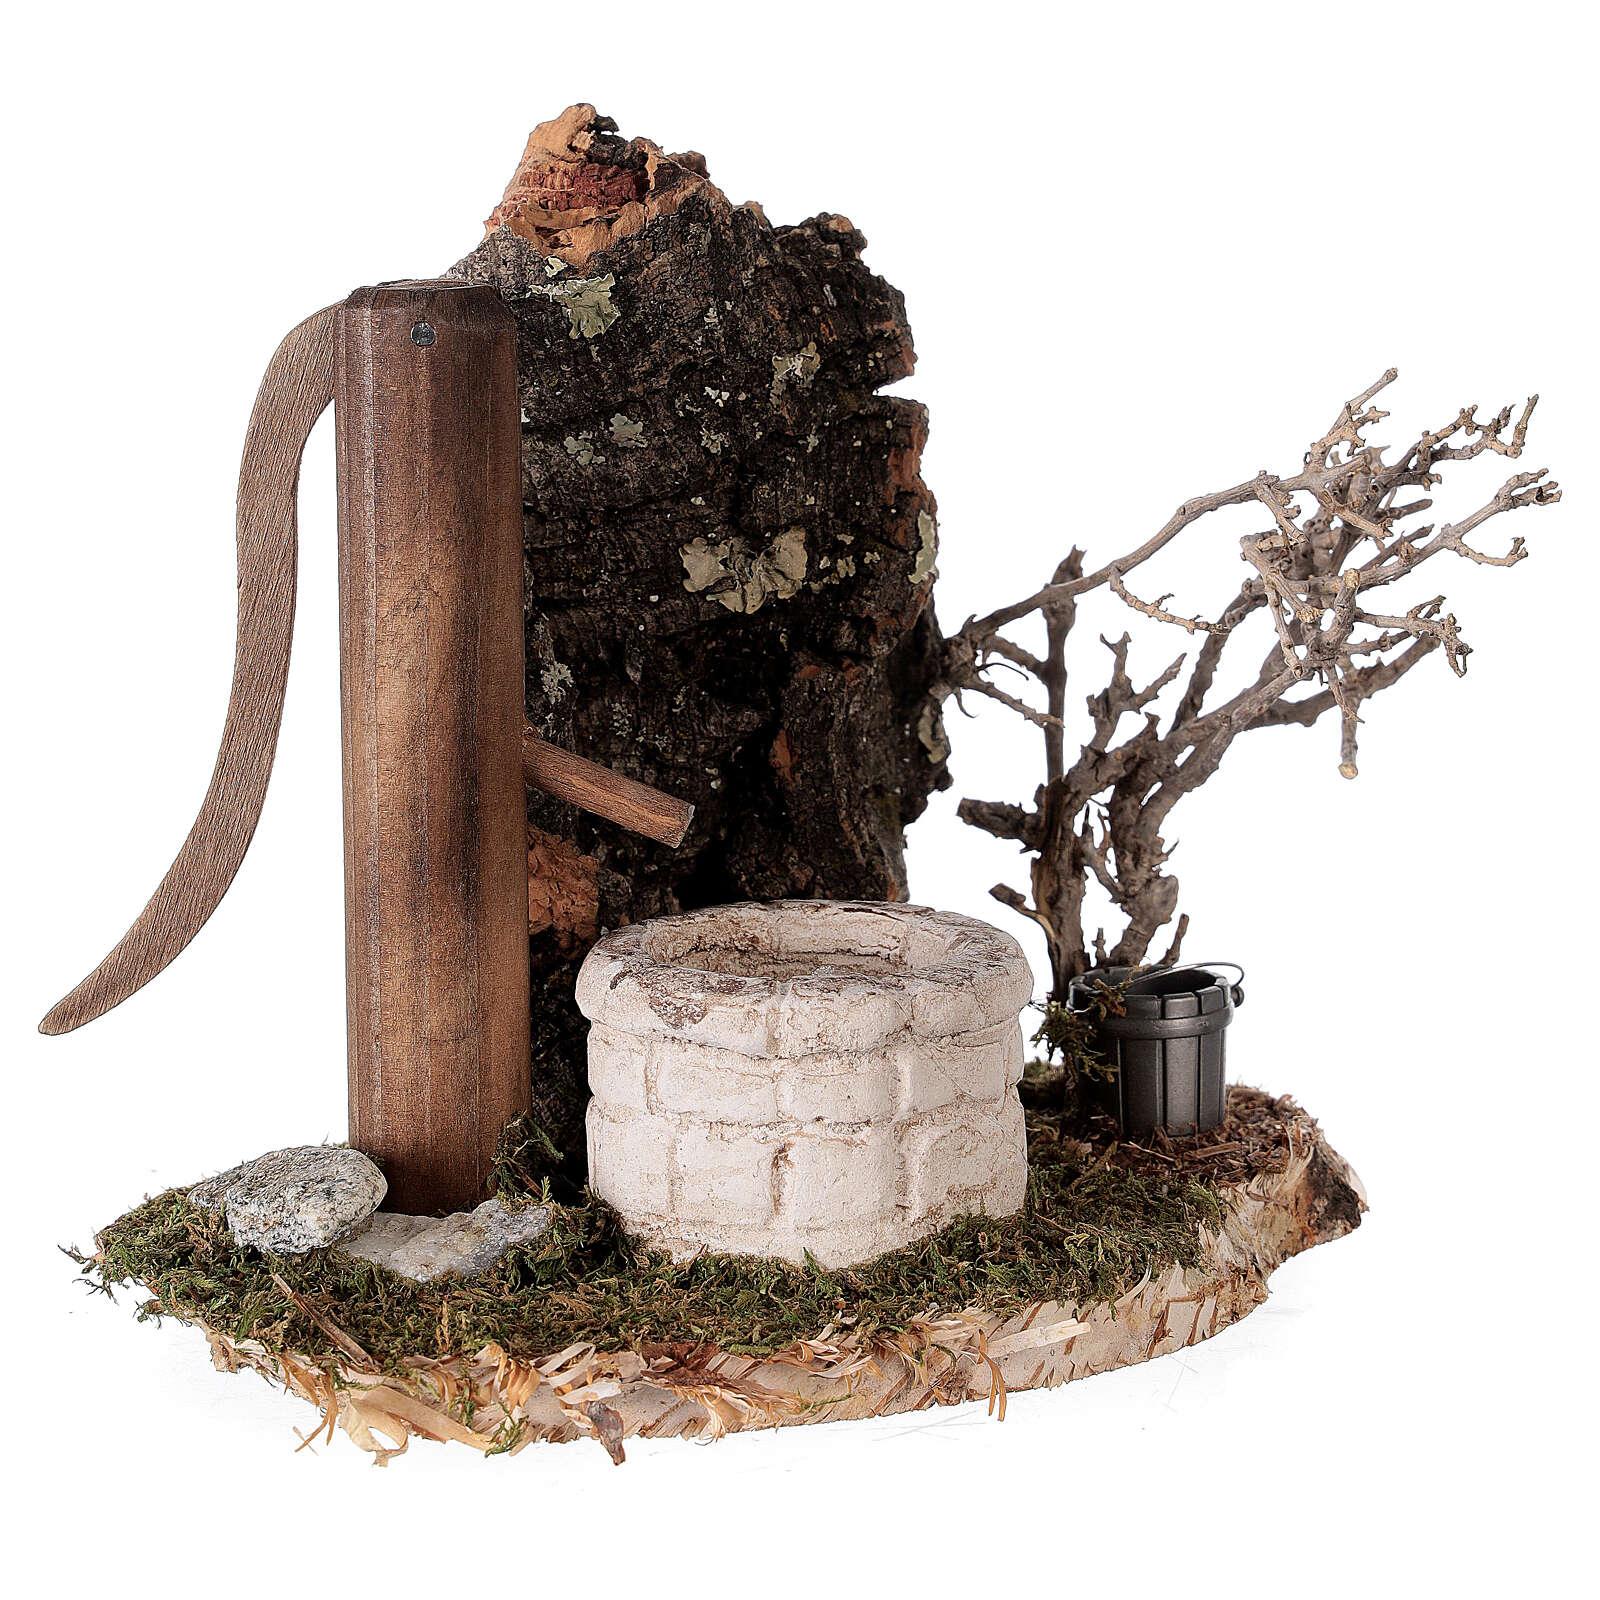 Fausse fontaine nordique 15x15x10 cm pour crèche 8-10-12 cm 4